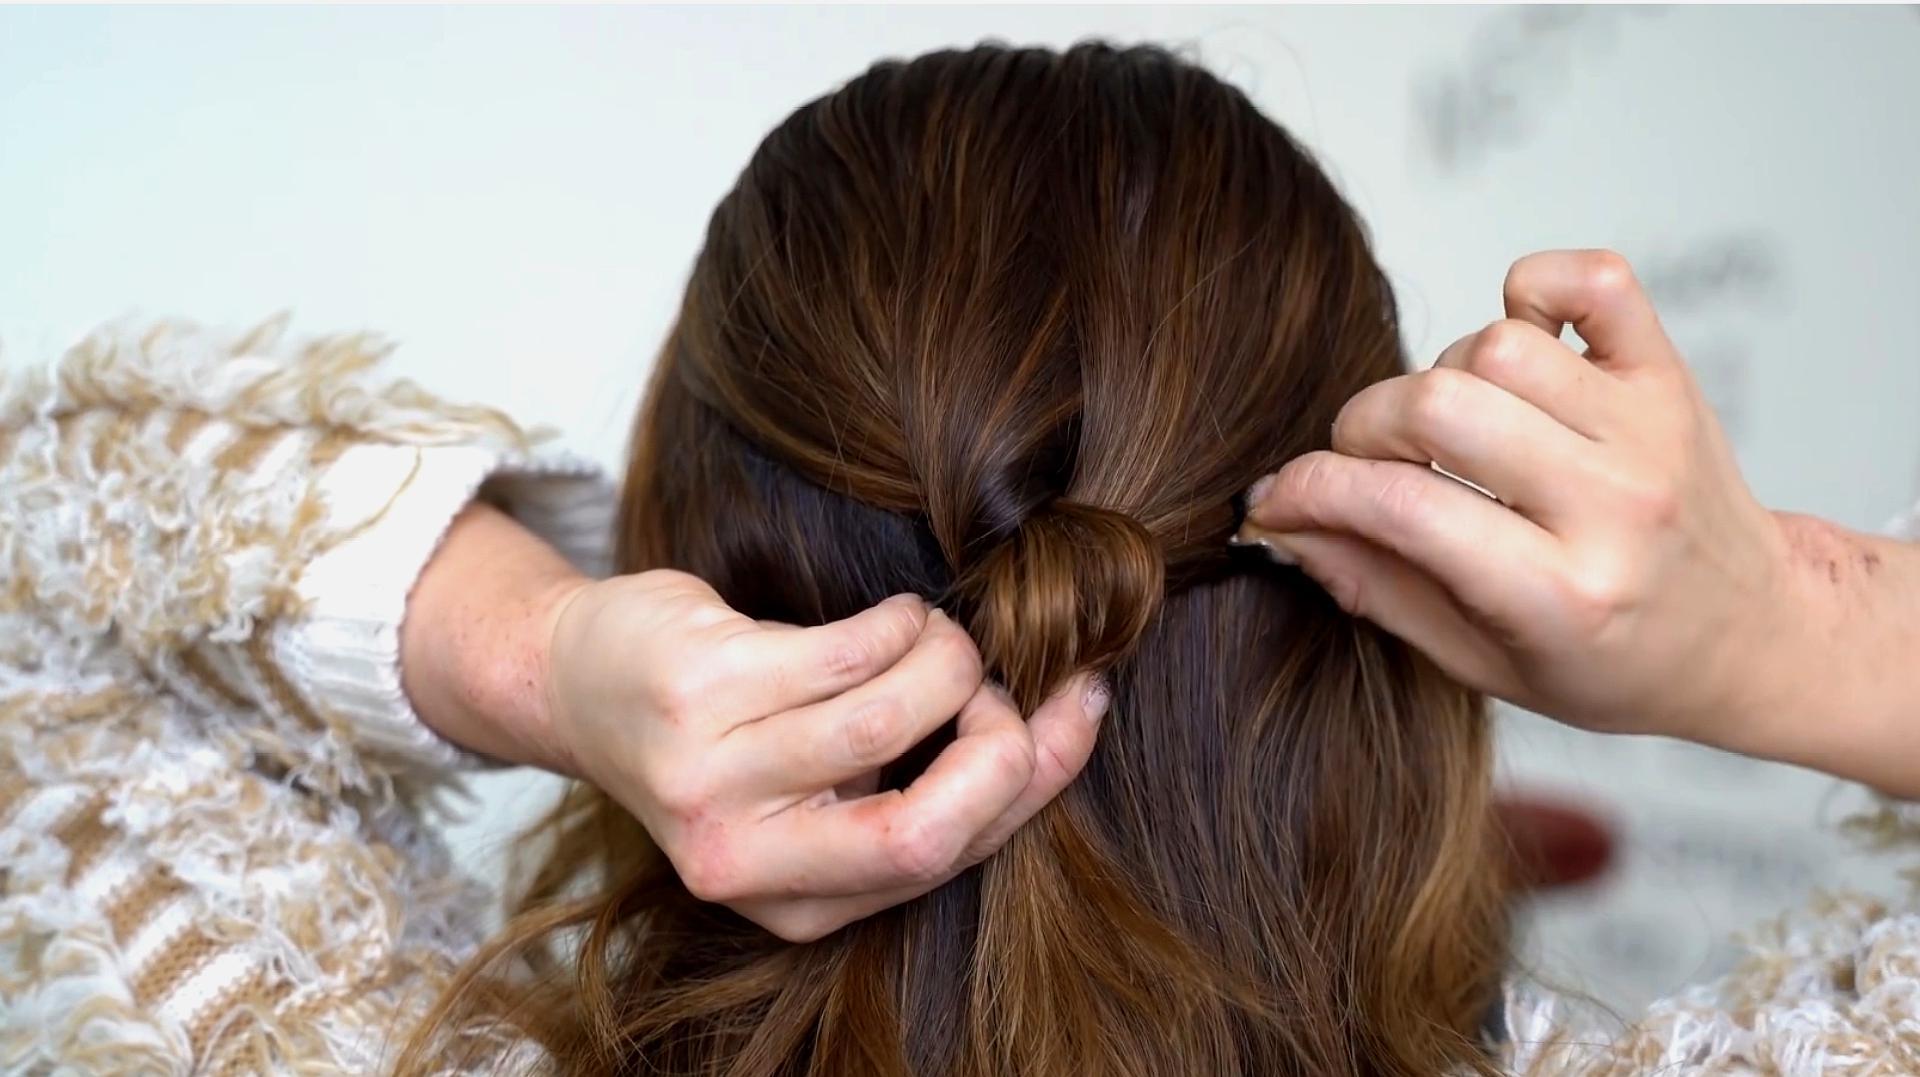 脸大女生适合扎什么头发?试试这款发型,蓬松显脸小